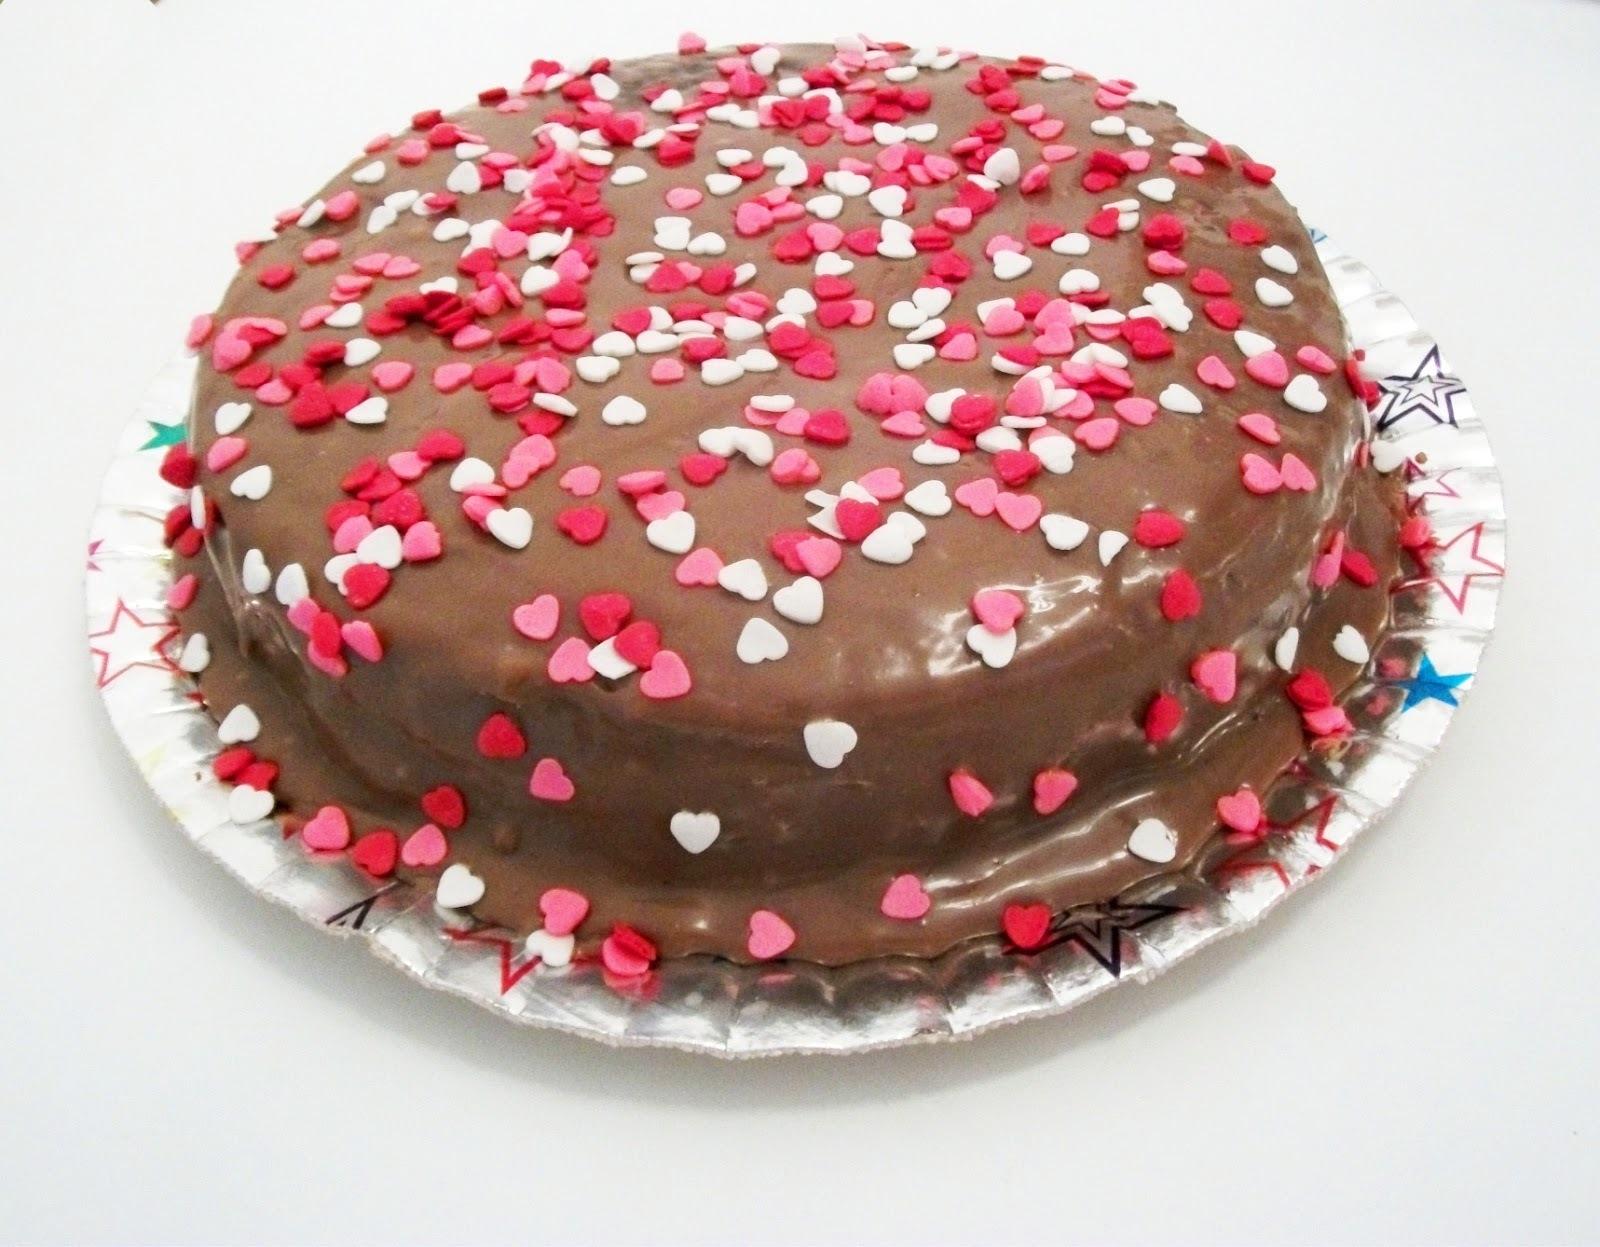 como escrever em bolo com chocolate